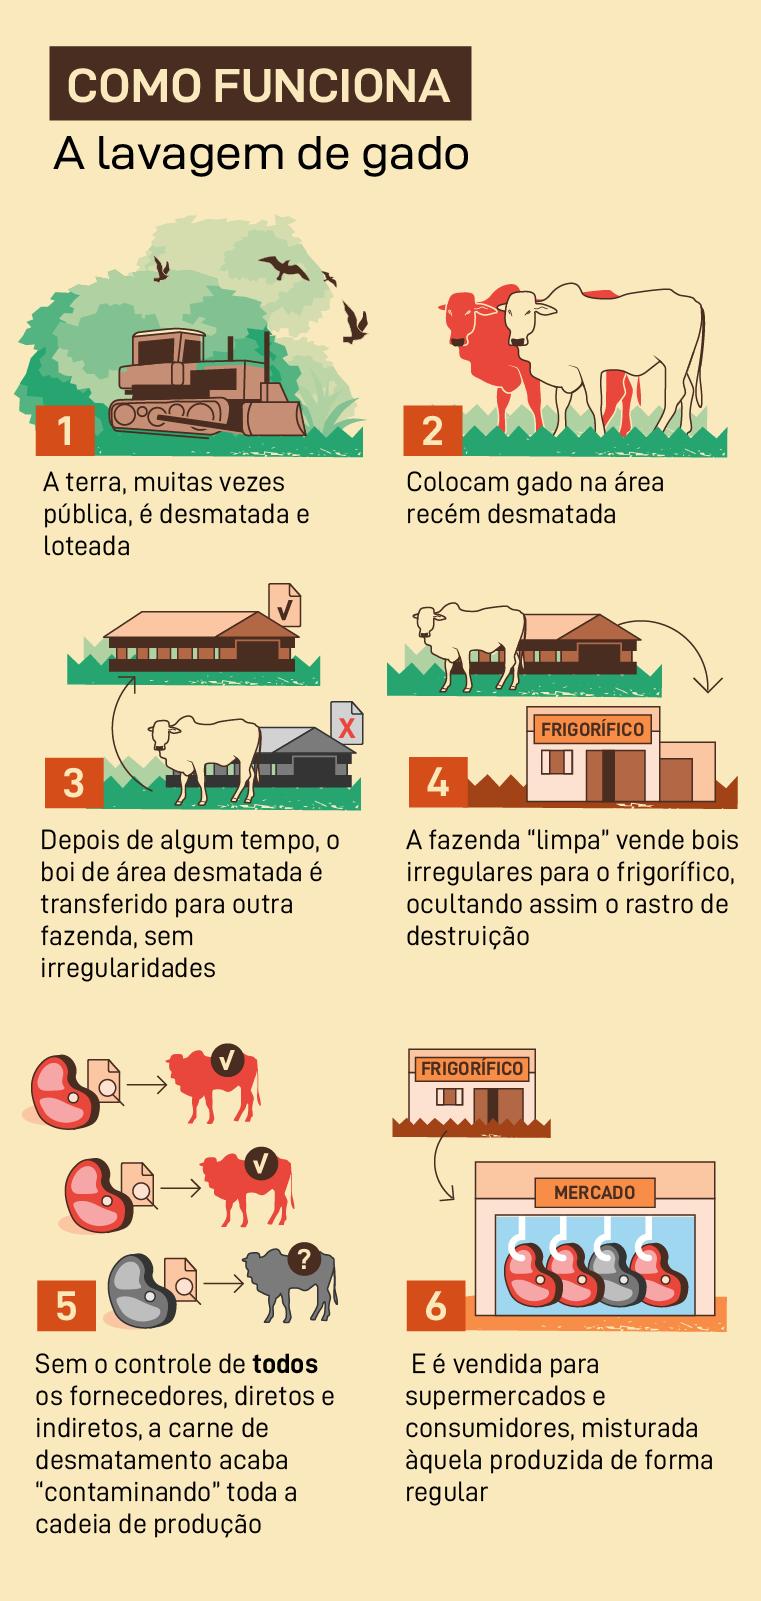 Como funciona a lavagem de gado